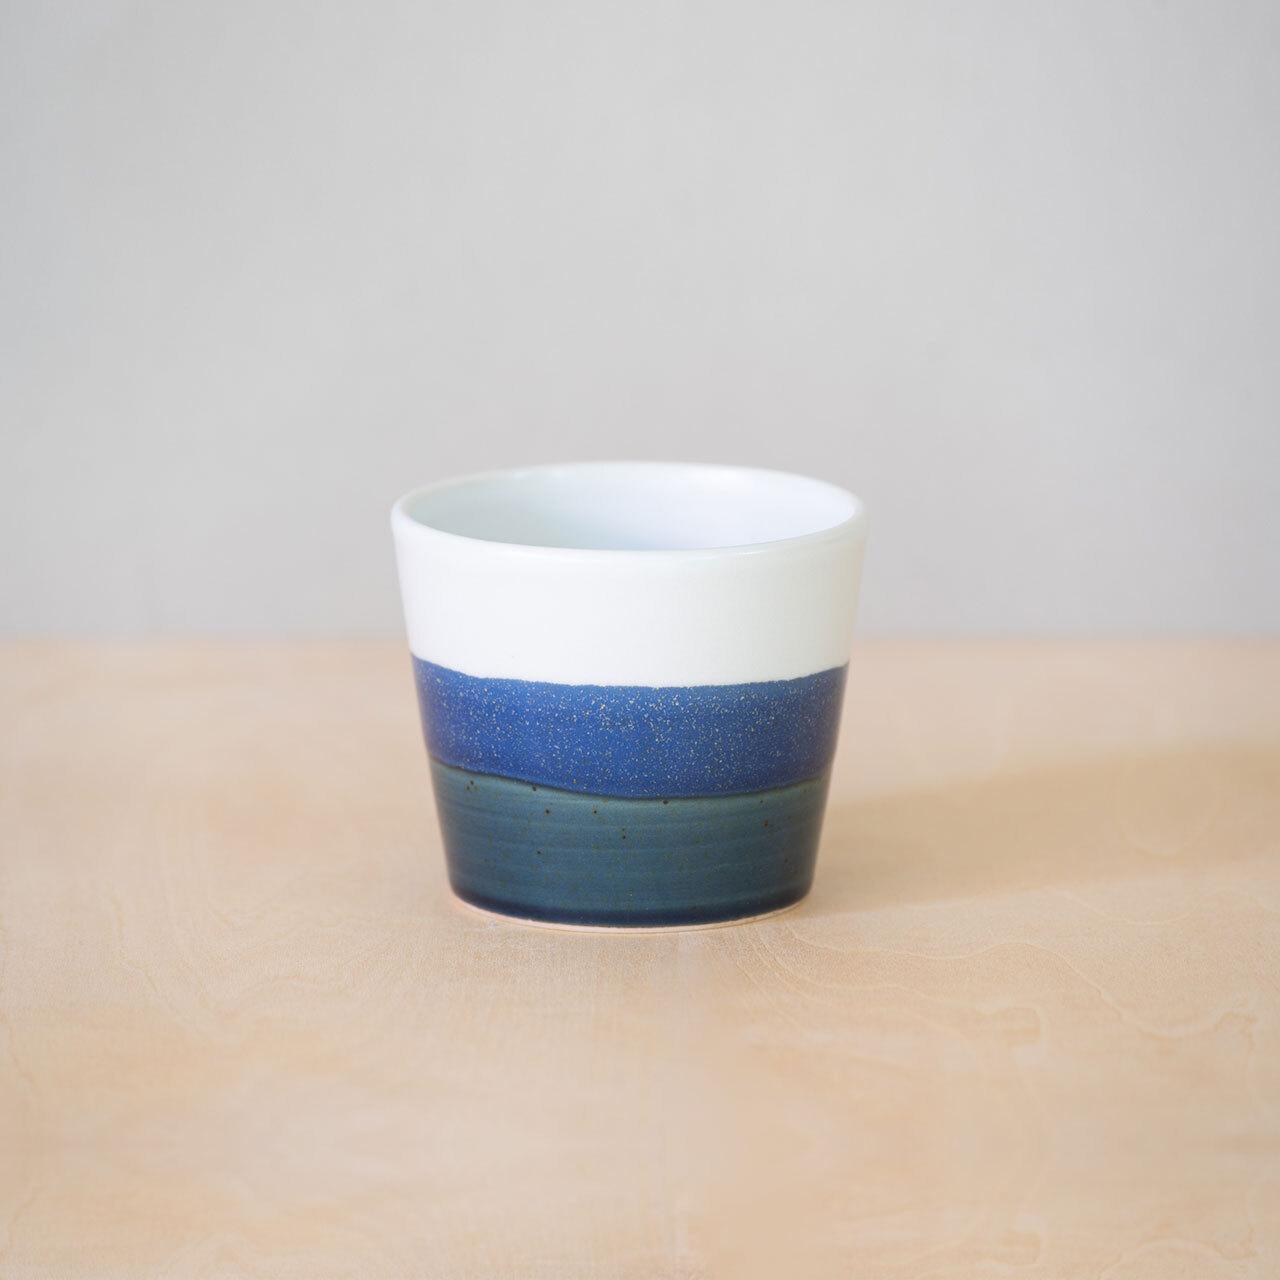 藍釉掛分 カップ S【予約販売】